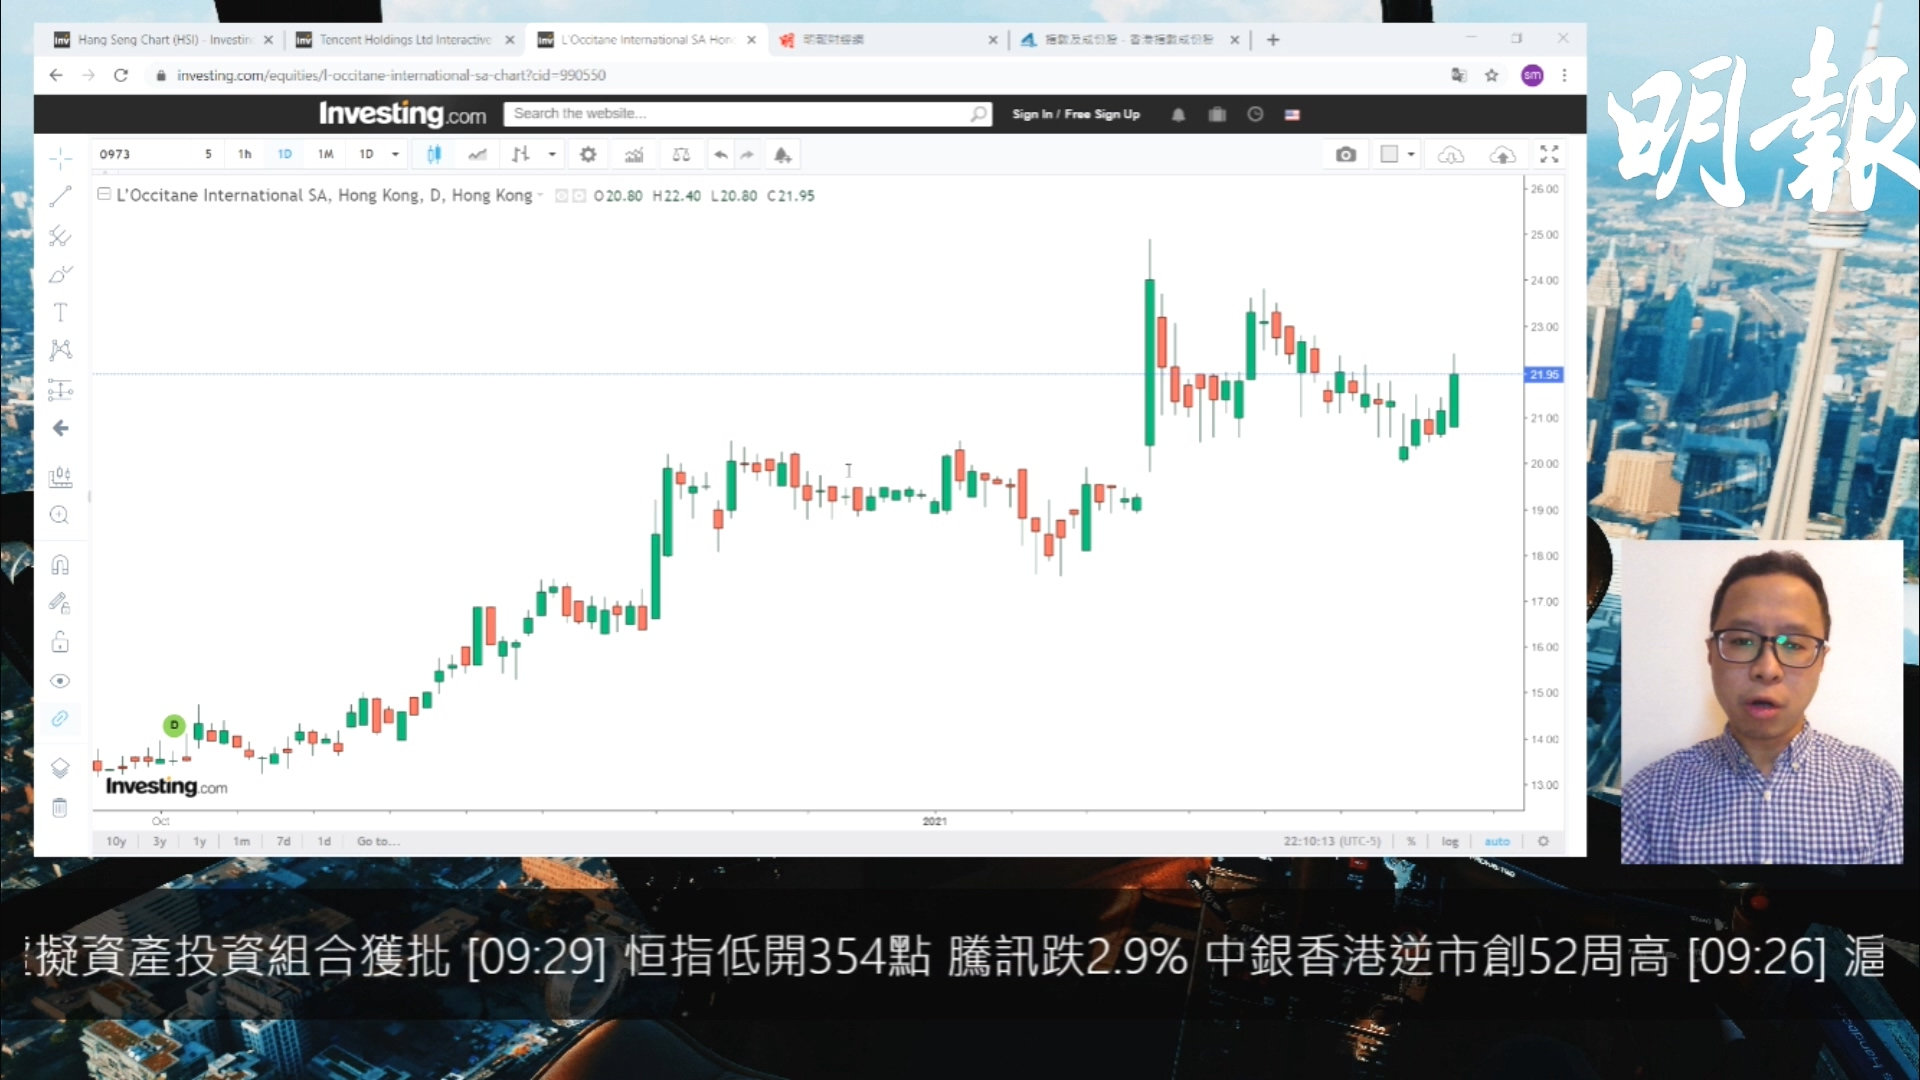 【有片:選股王】歐舒丹銷售持續顯著改善